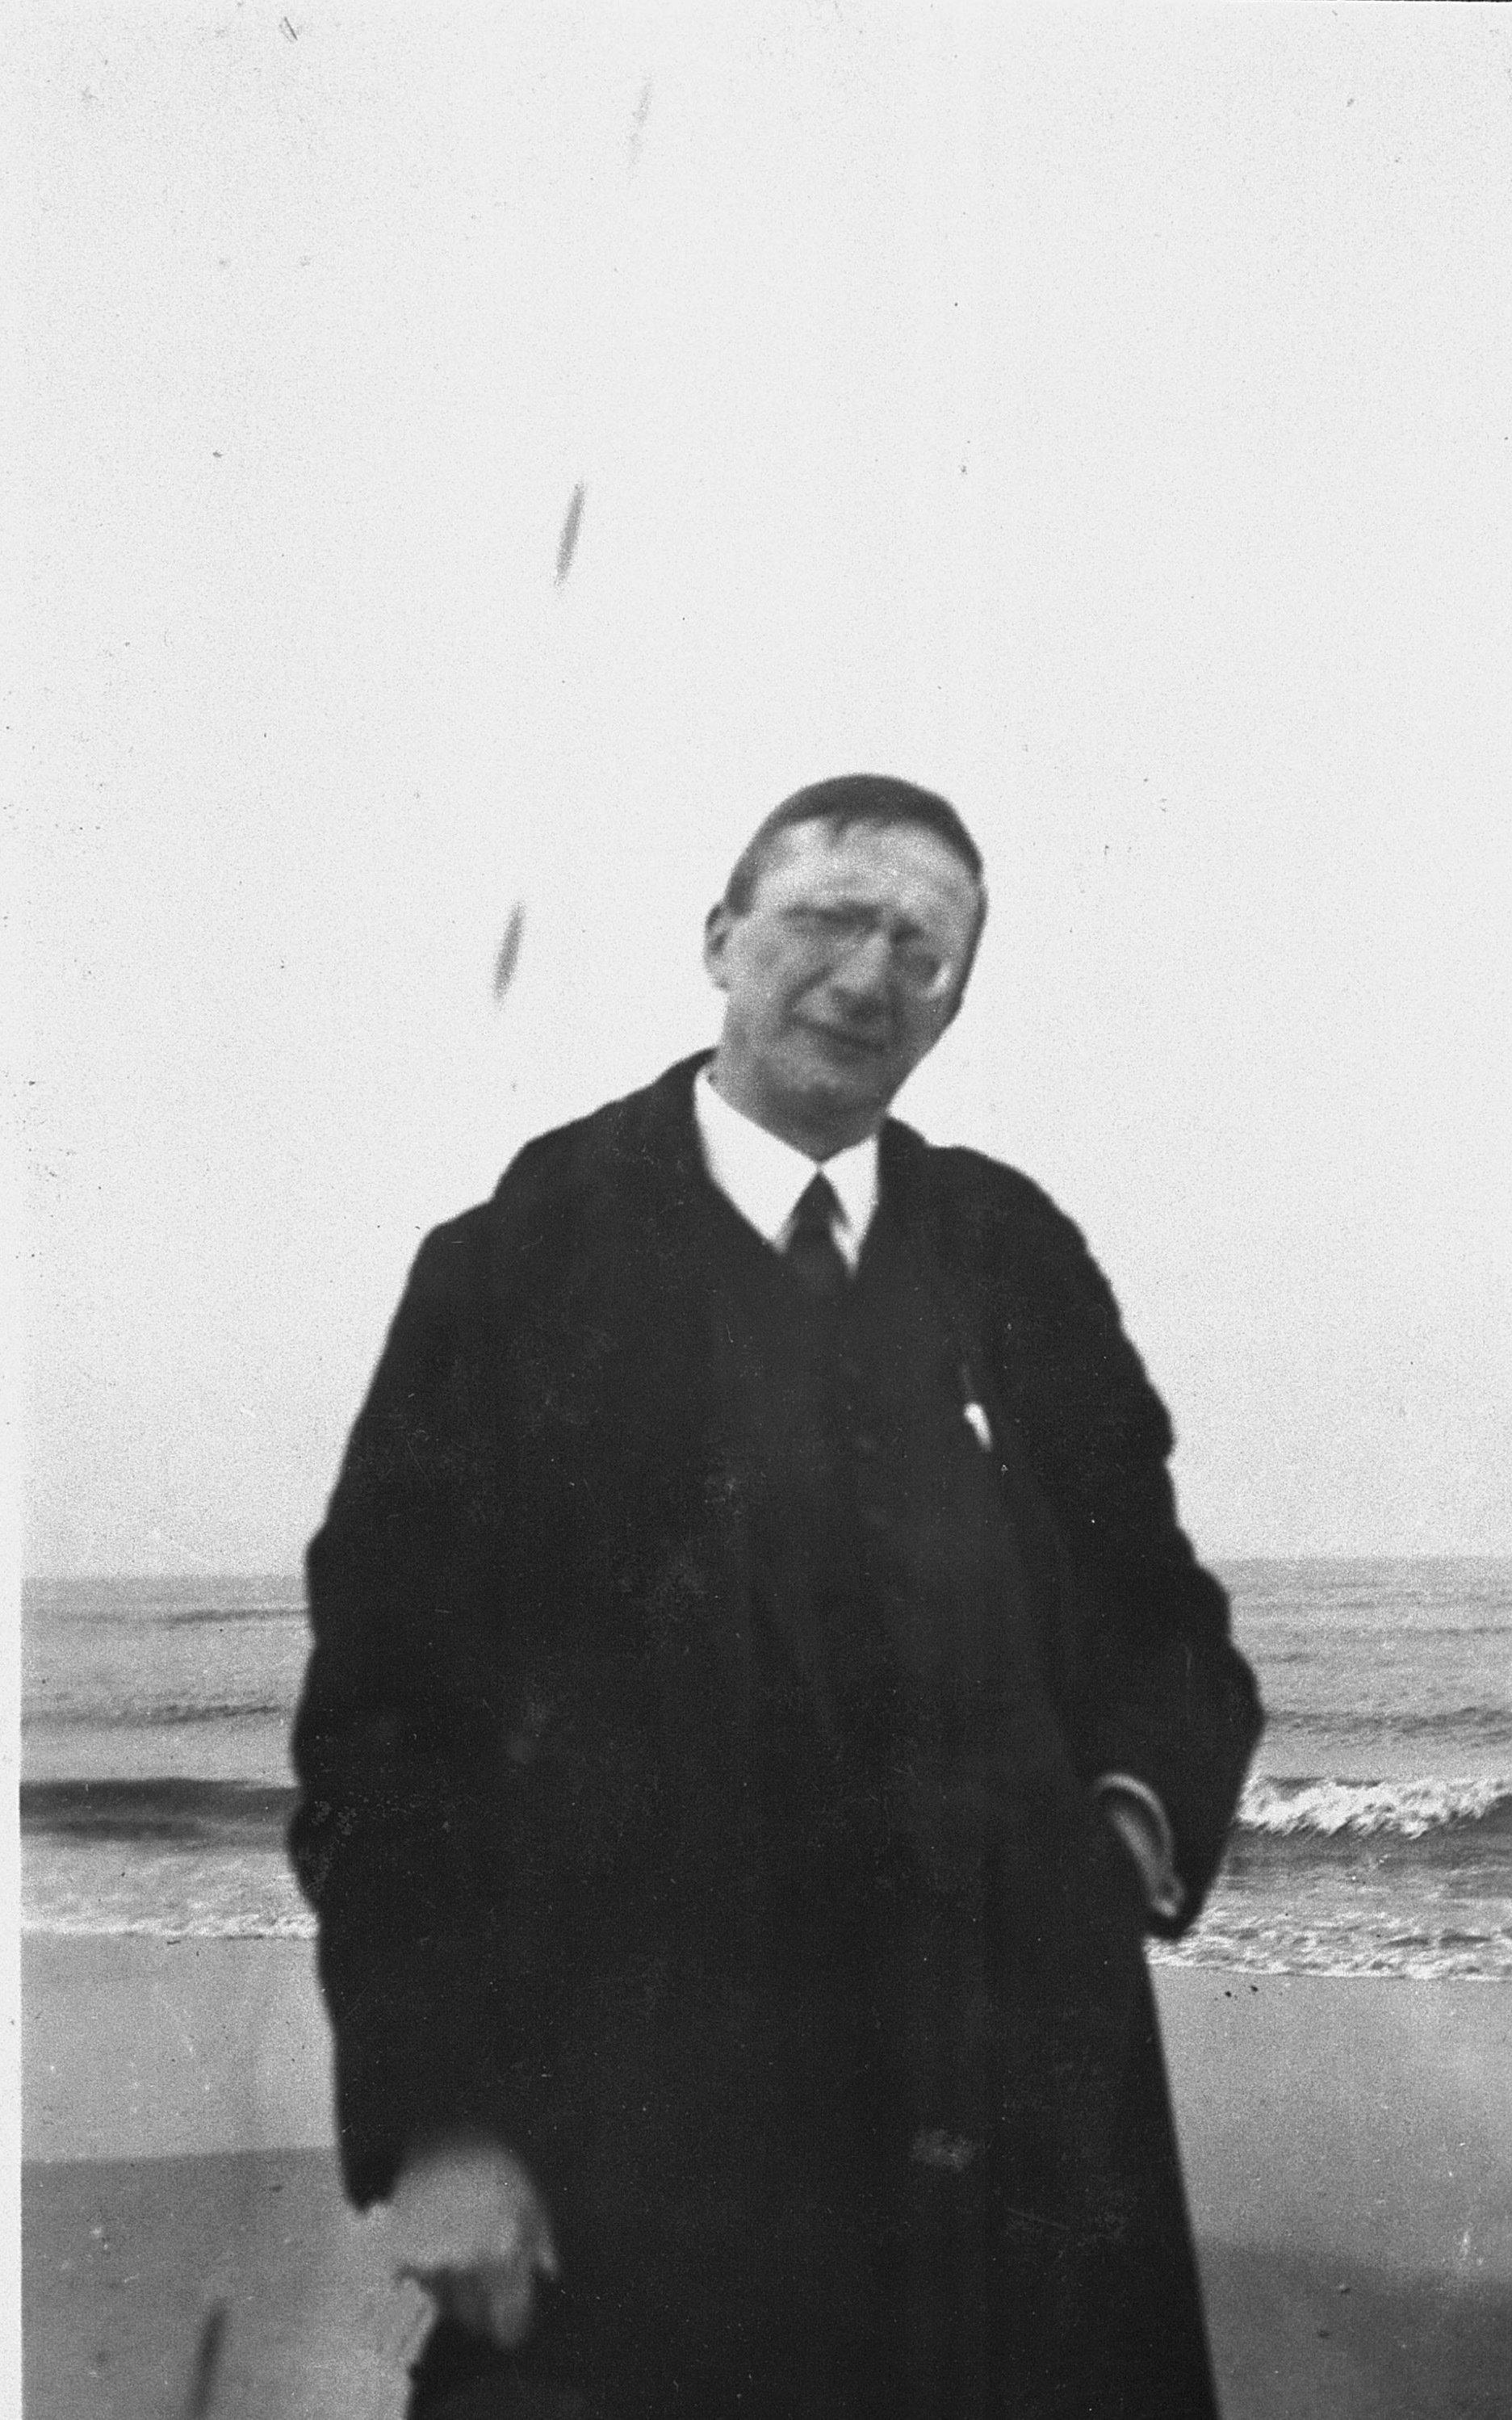 Alte schwarz/weiß Aufnahme von Alfred Döblin vor der Ostsee.